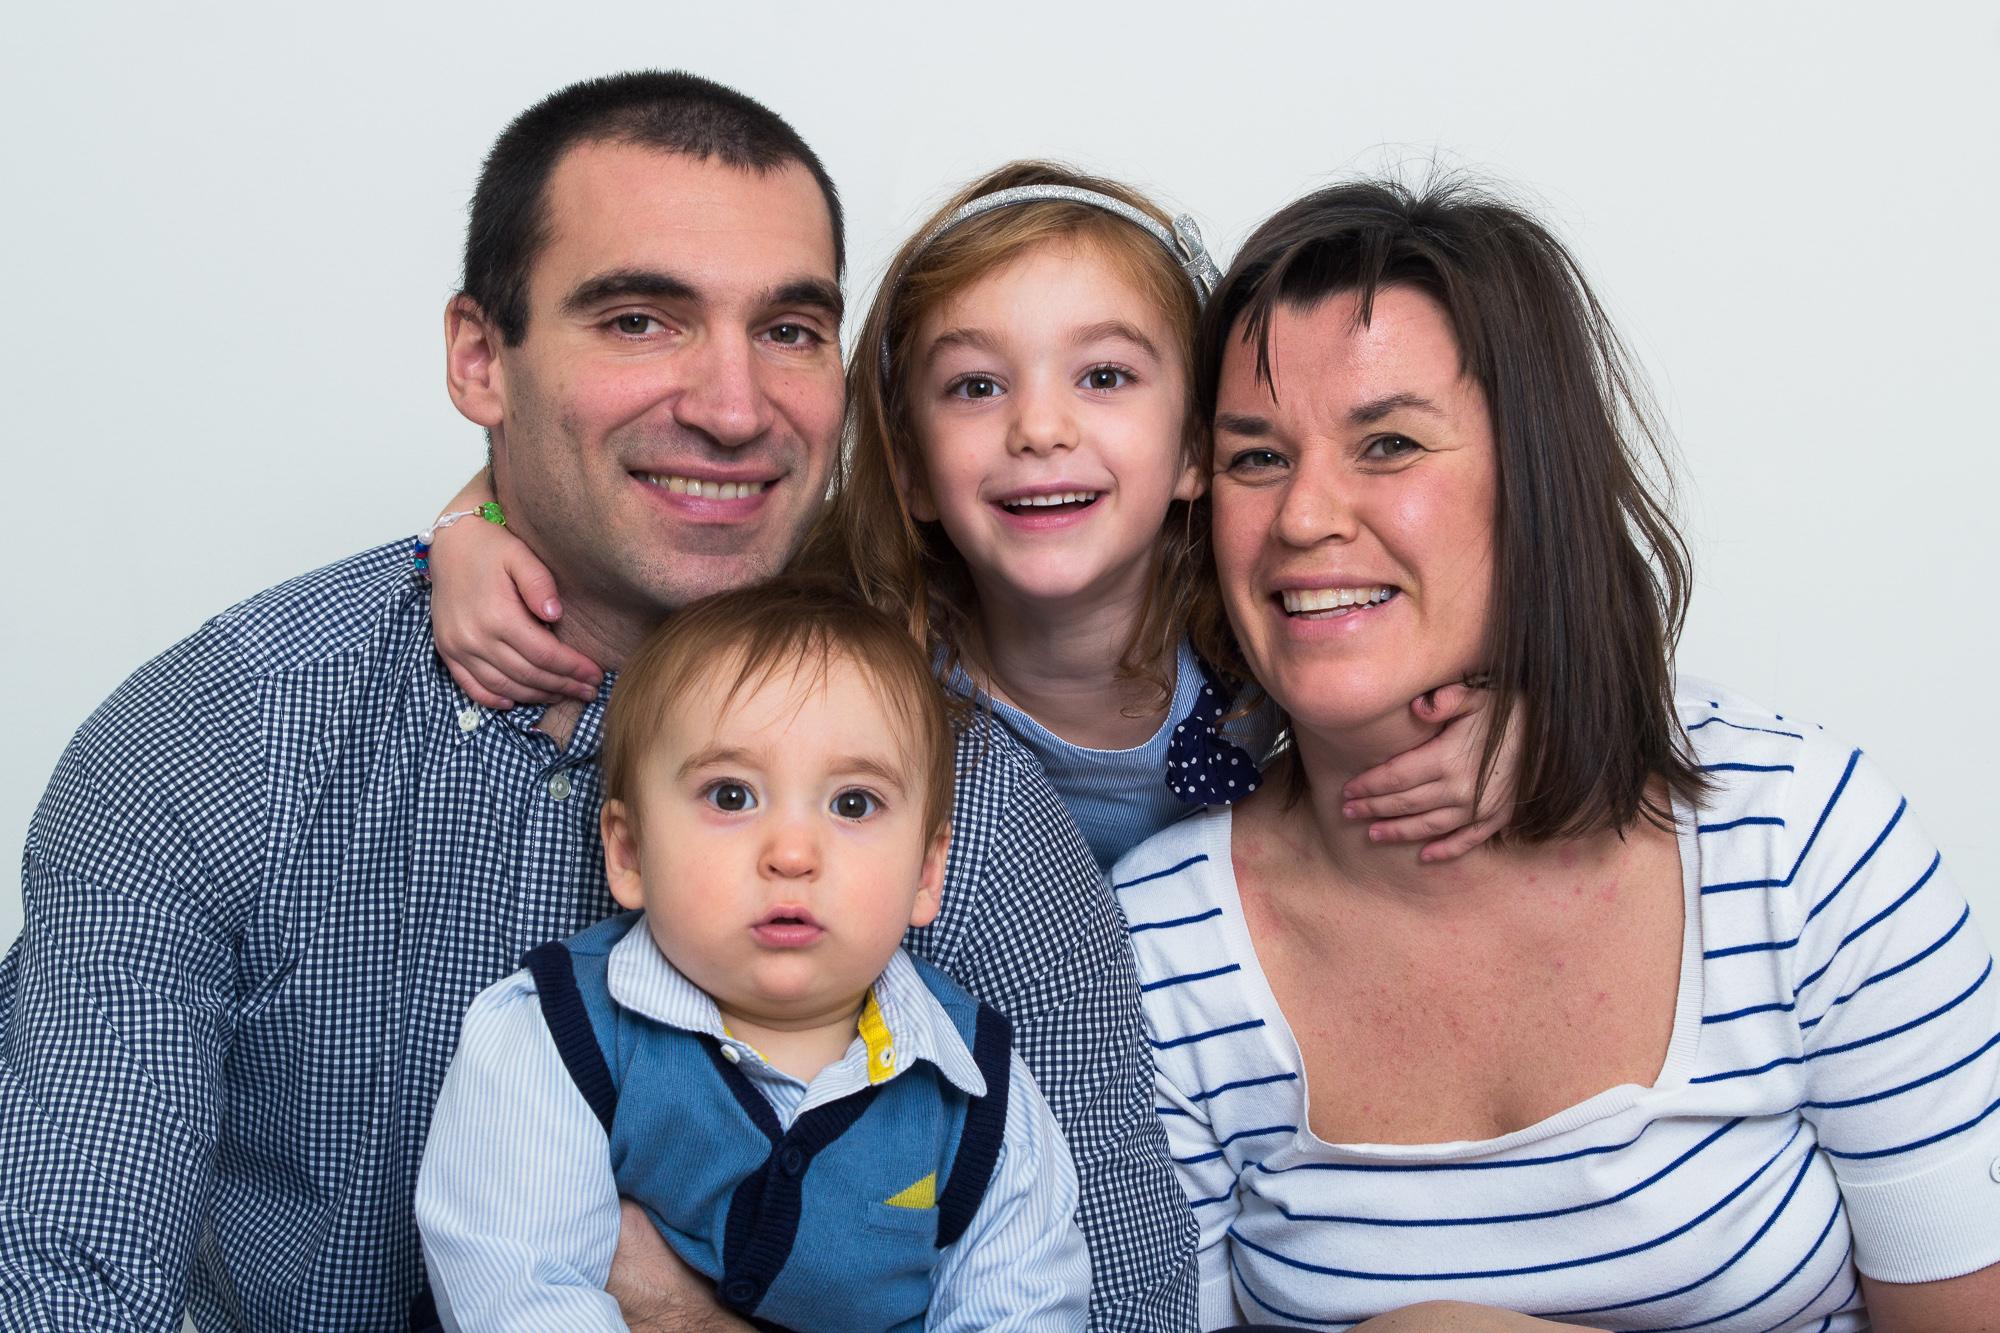 Fotograf Christin Sylvander Barn Och Familjefotograf I Stockholm Hemma Hos Familjen Huetson